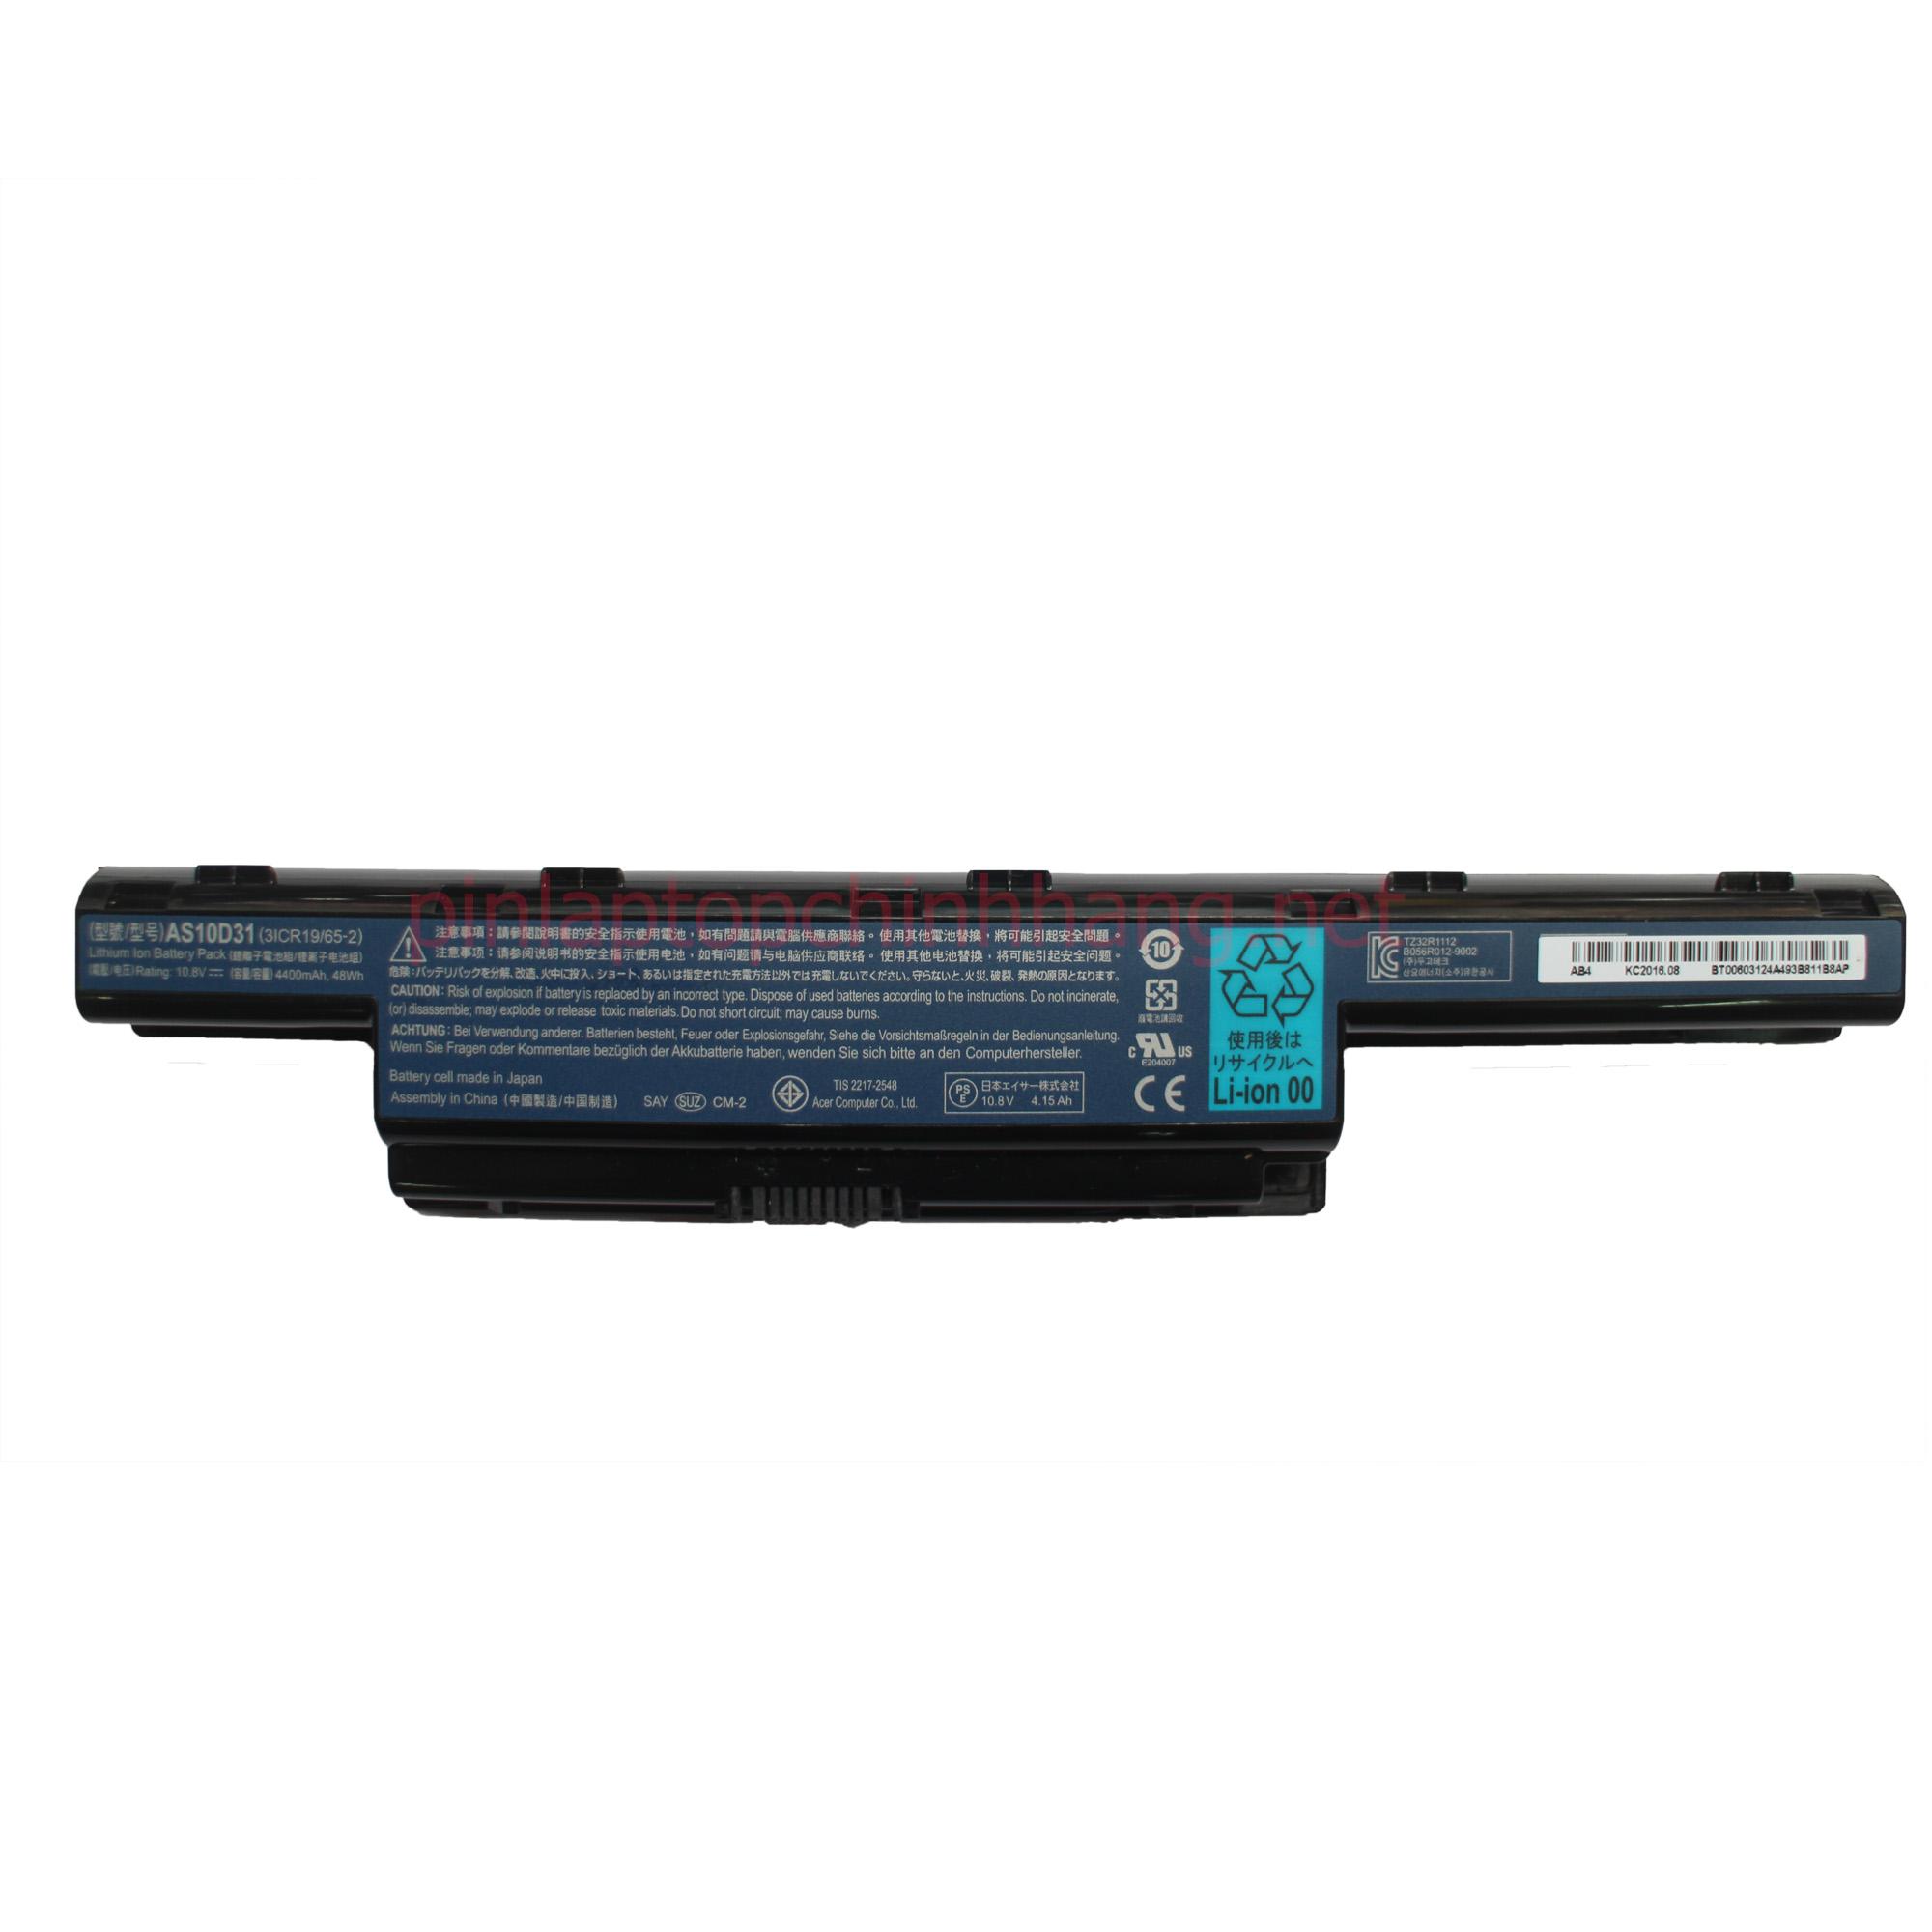 Battery (Pin ) Laptop Chính Hãng Acer  4741G 4743G 4752G 5750G 4755G 4750G  AS10D31